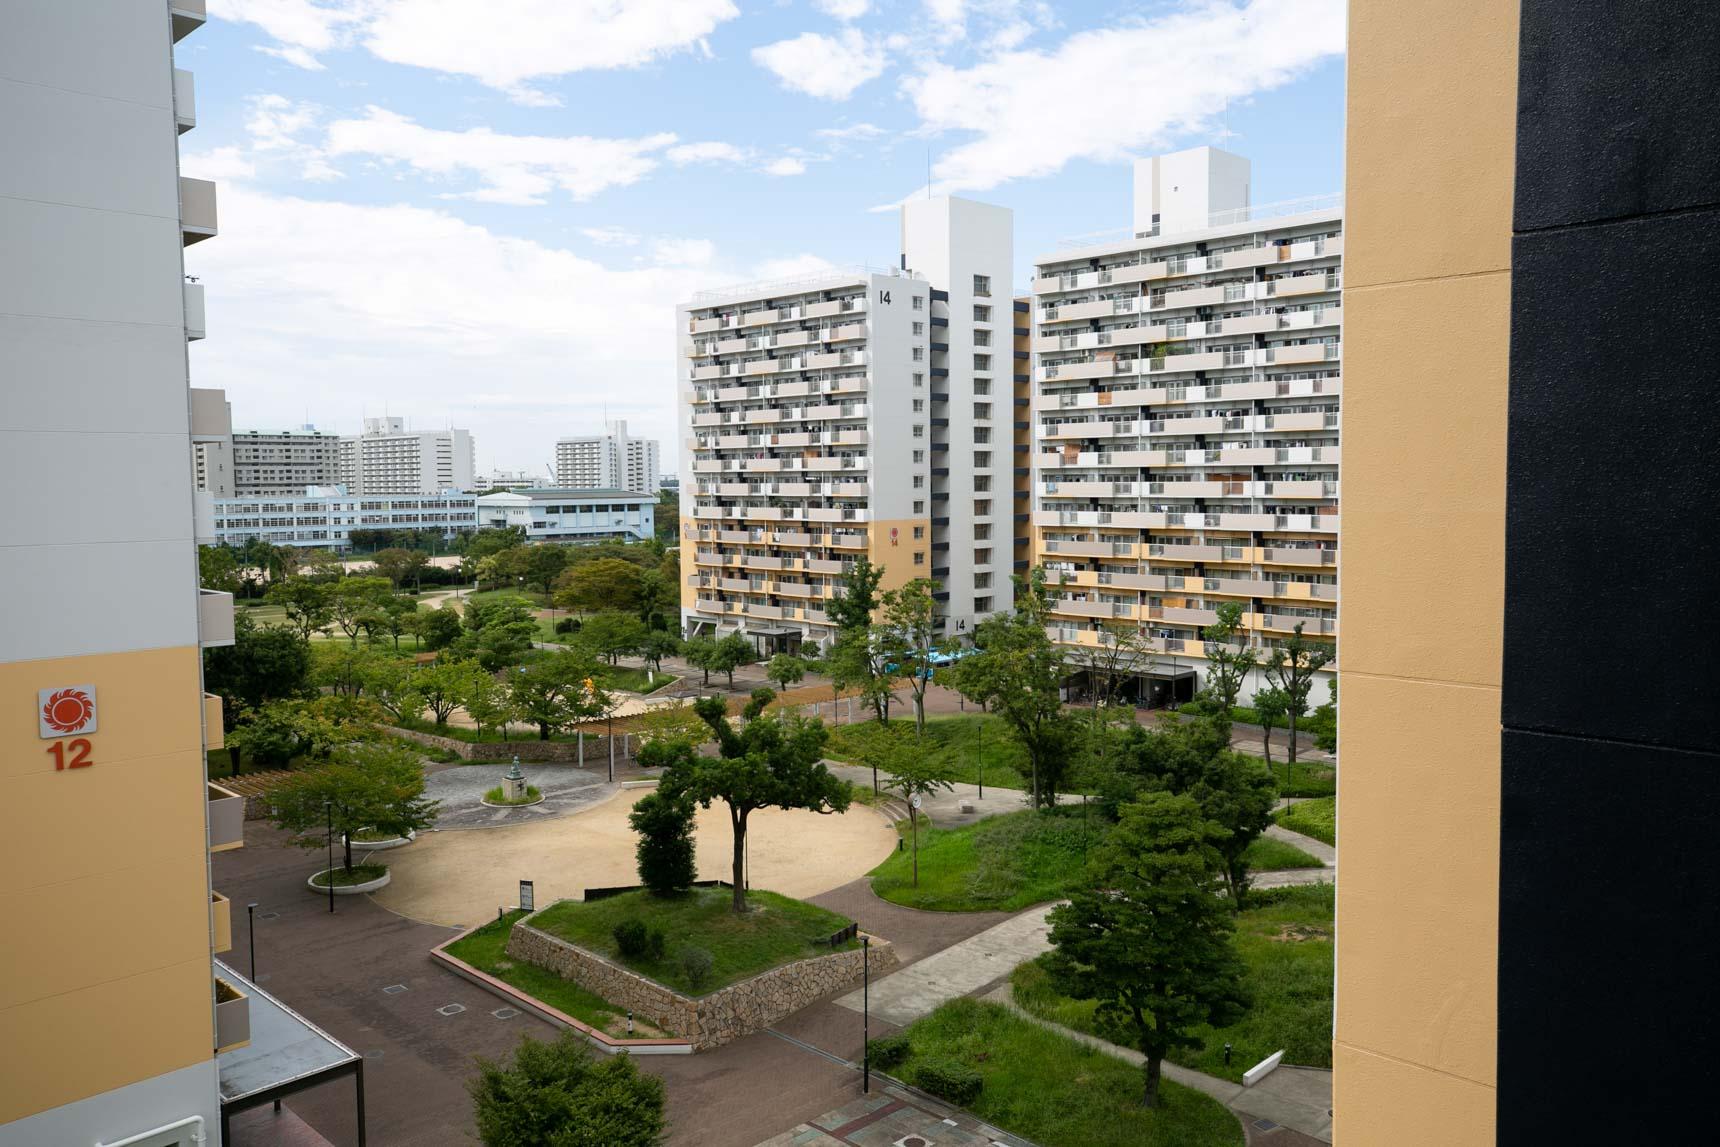 11号棟から、真ん中の緑地、プレイロットを見下ろしてみたところ。公園の中に住んでいるみたいですよね。